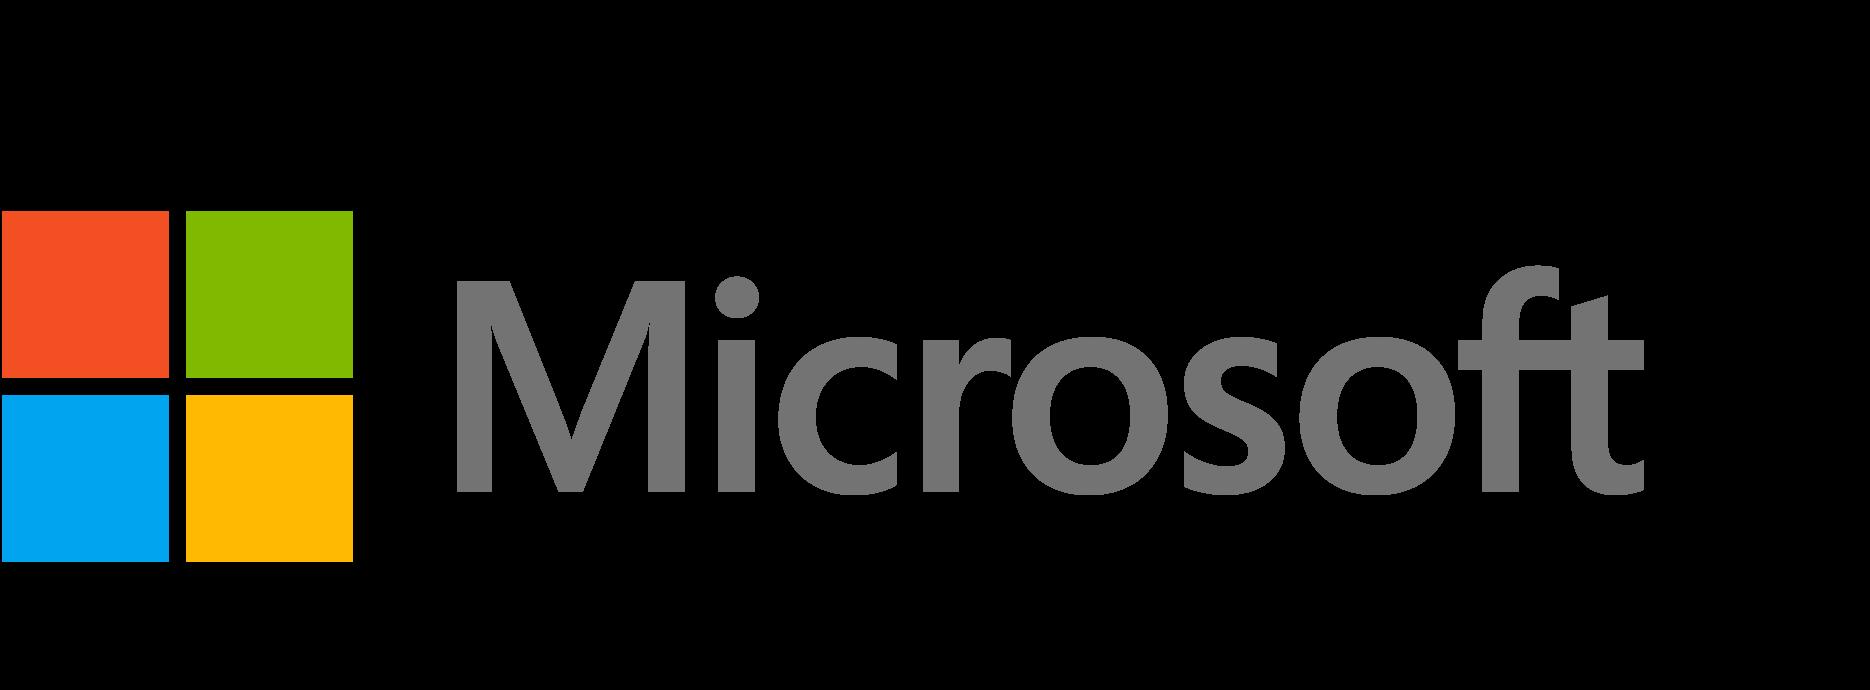 Microsoft PNG - 24864